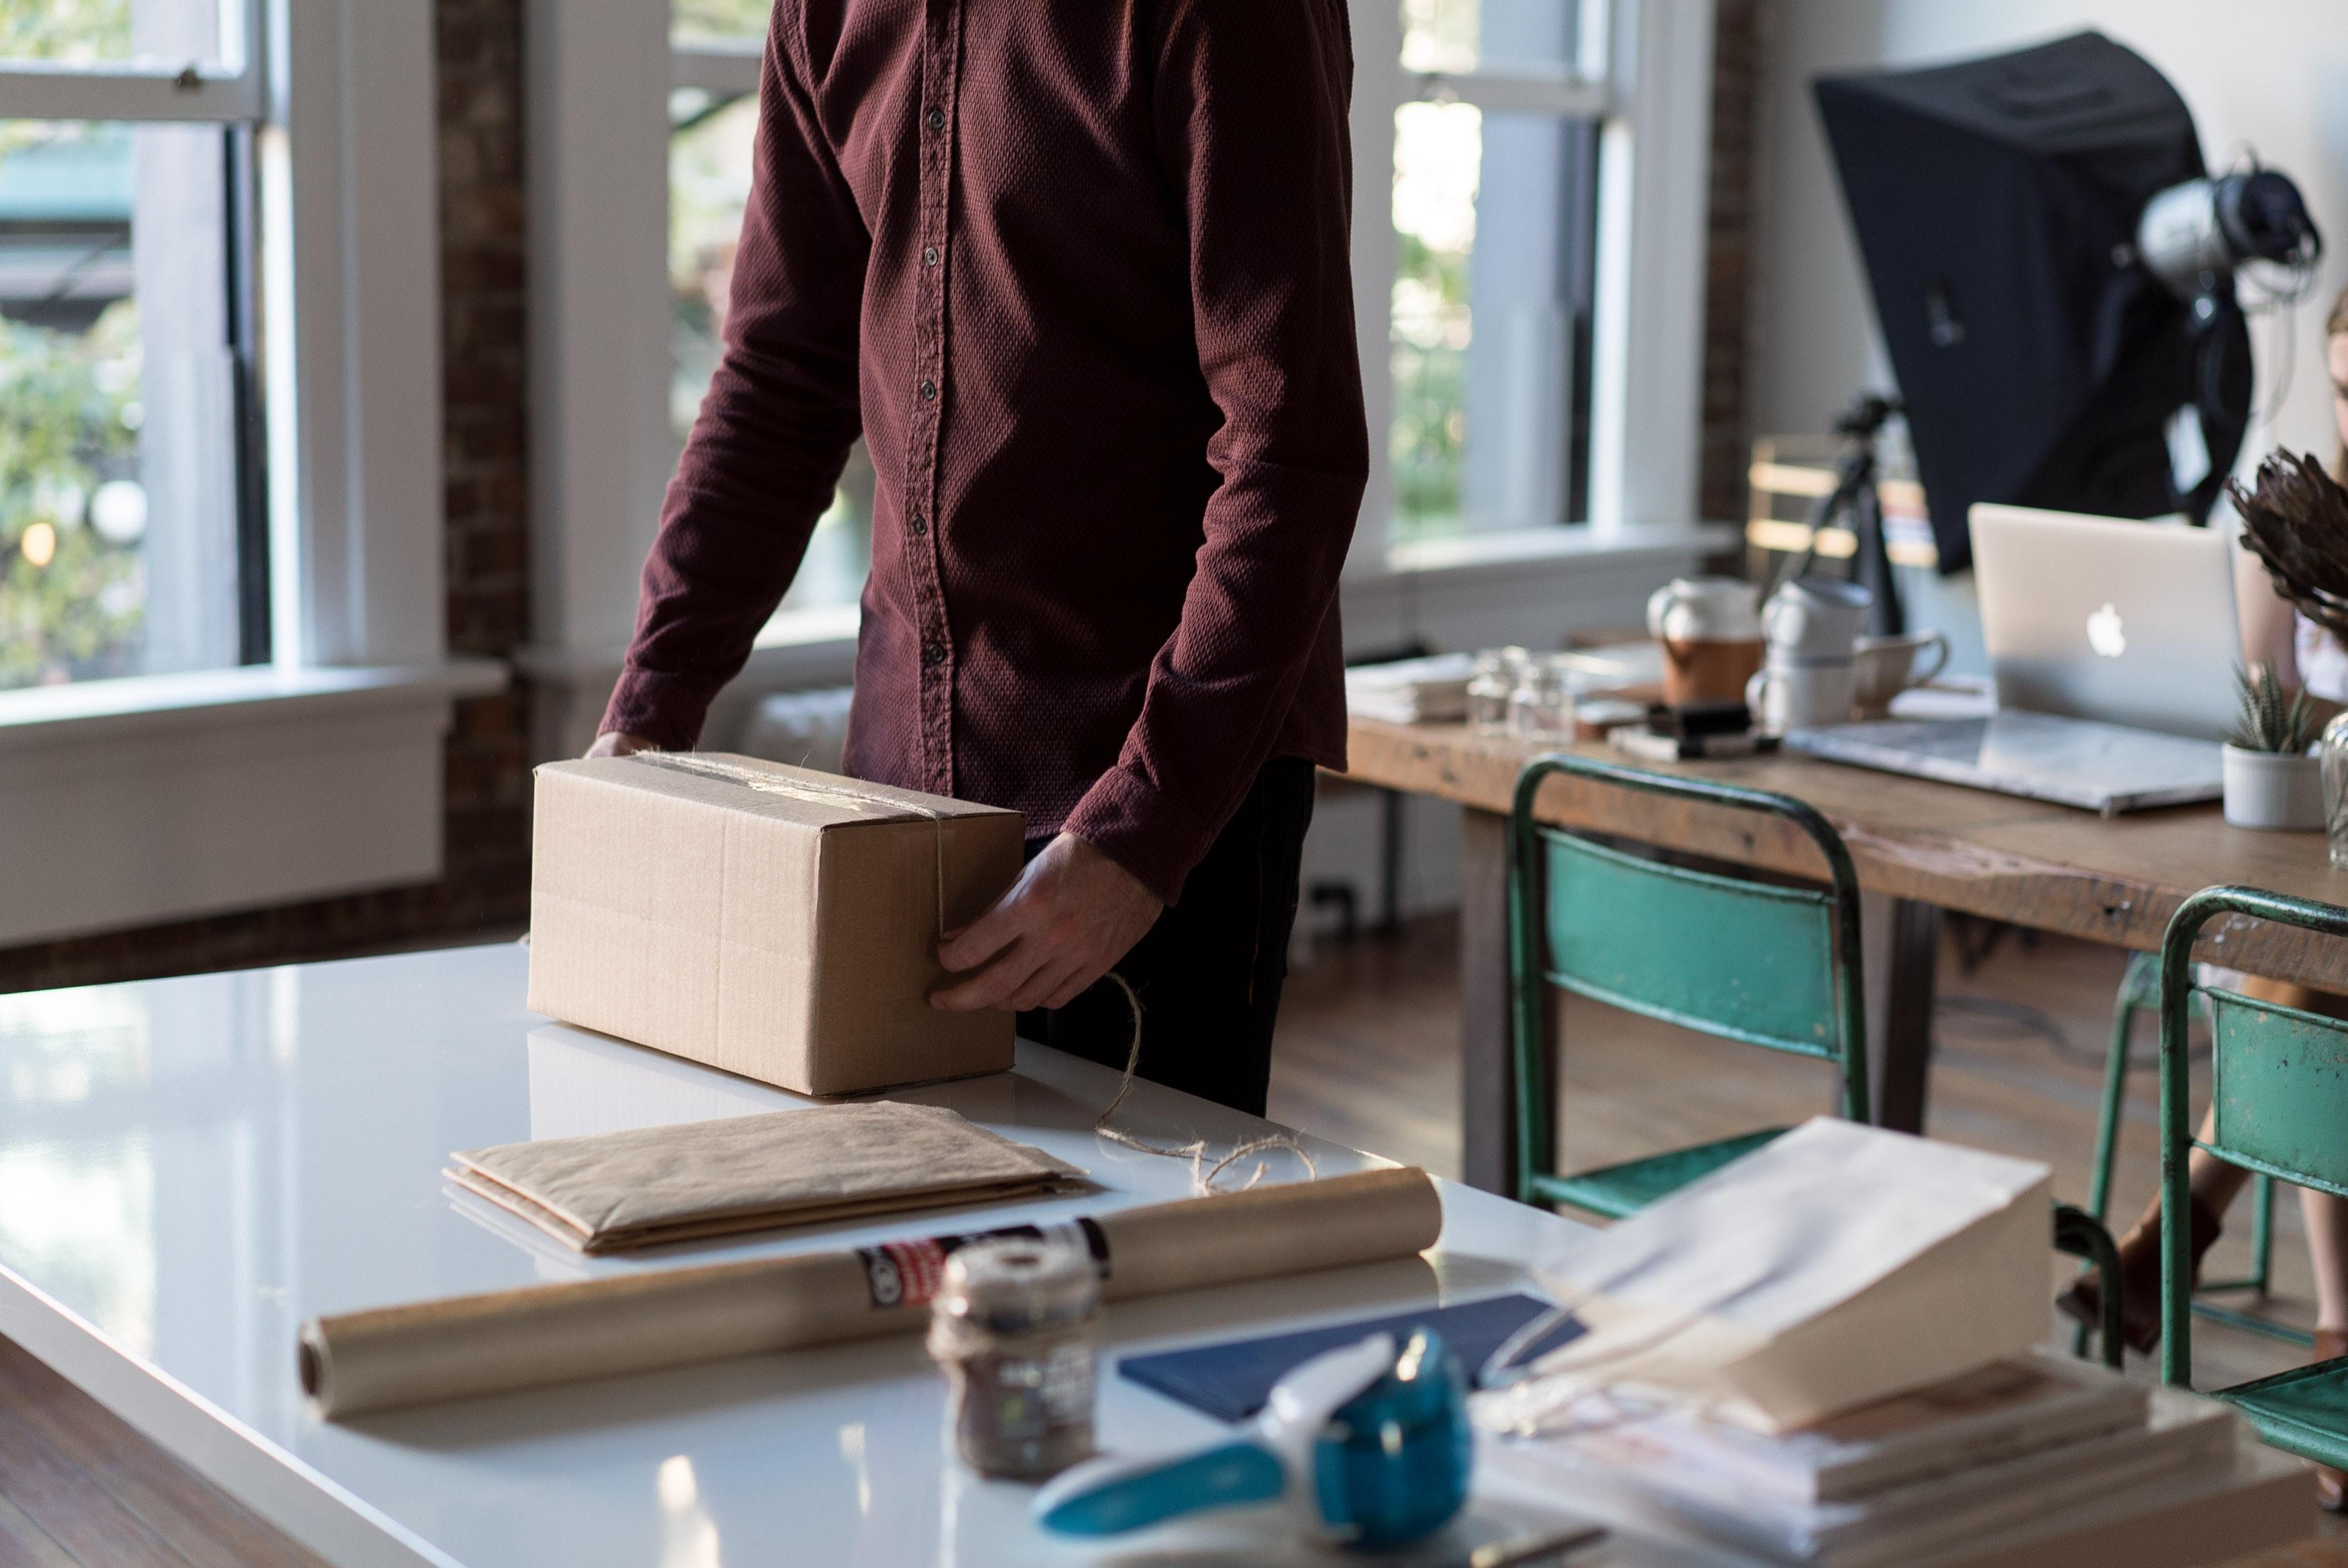 Die richtige Verpackung auf enviropack.de finden